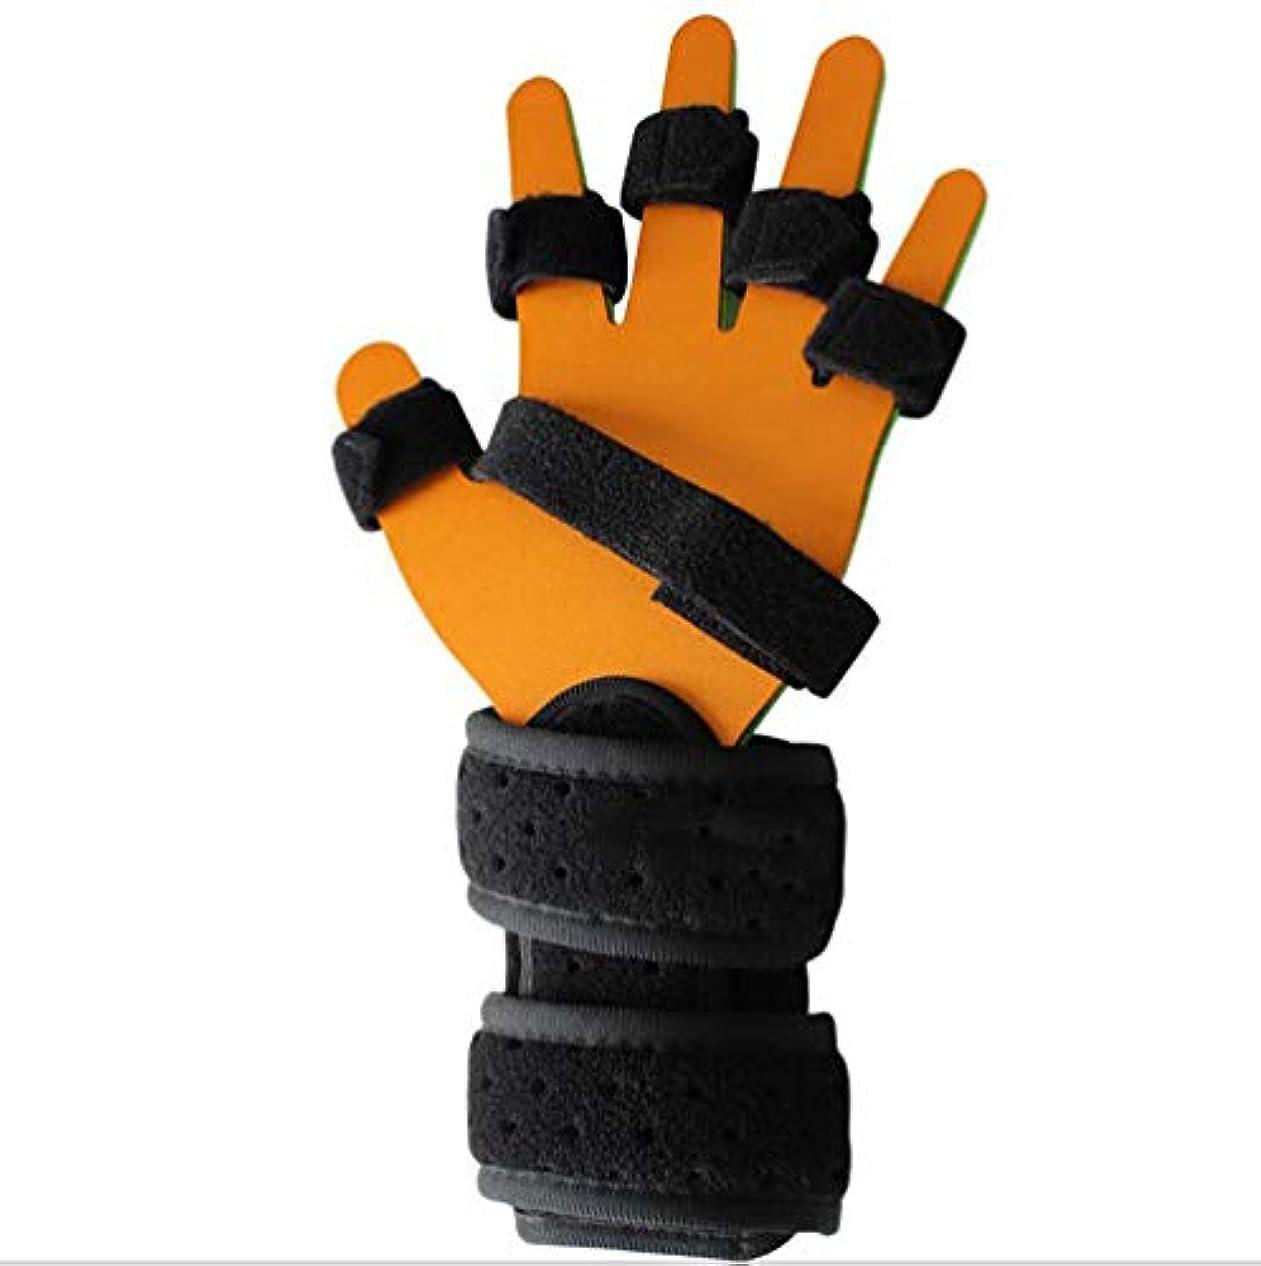 書く辞任ピストン指板トレーニングポイント指固定プレート指装具変形座屈プラスチックアルミプレート用片麻痺